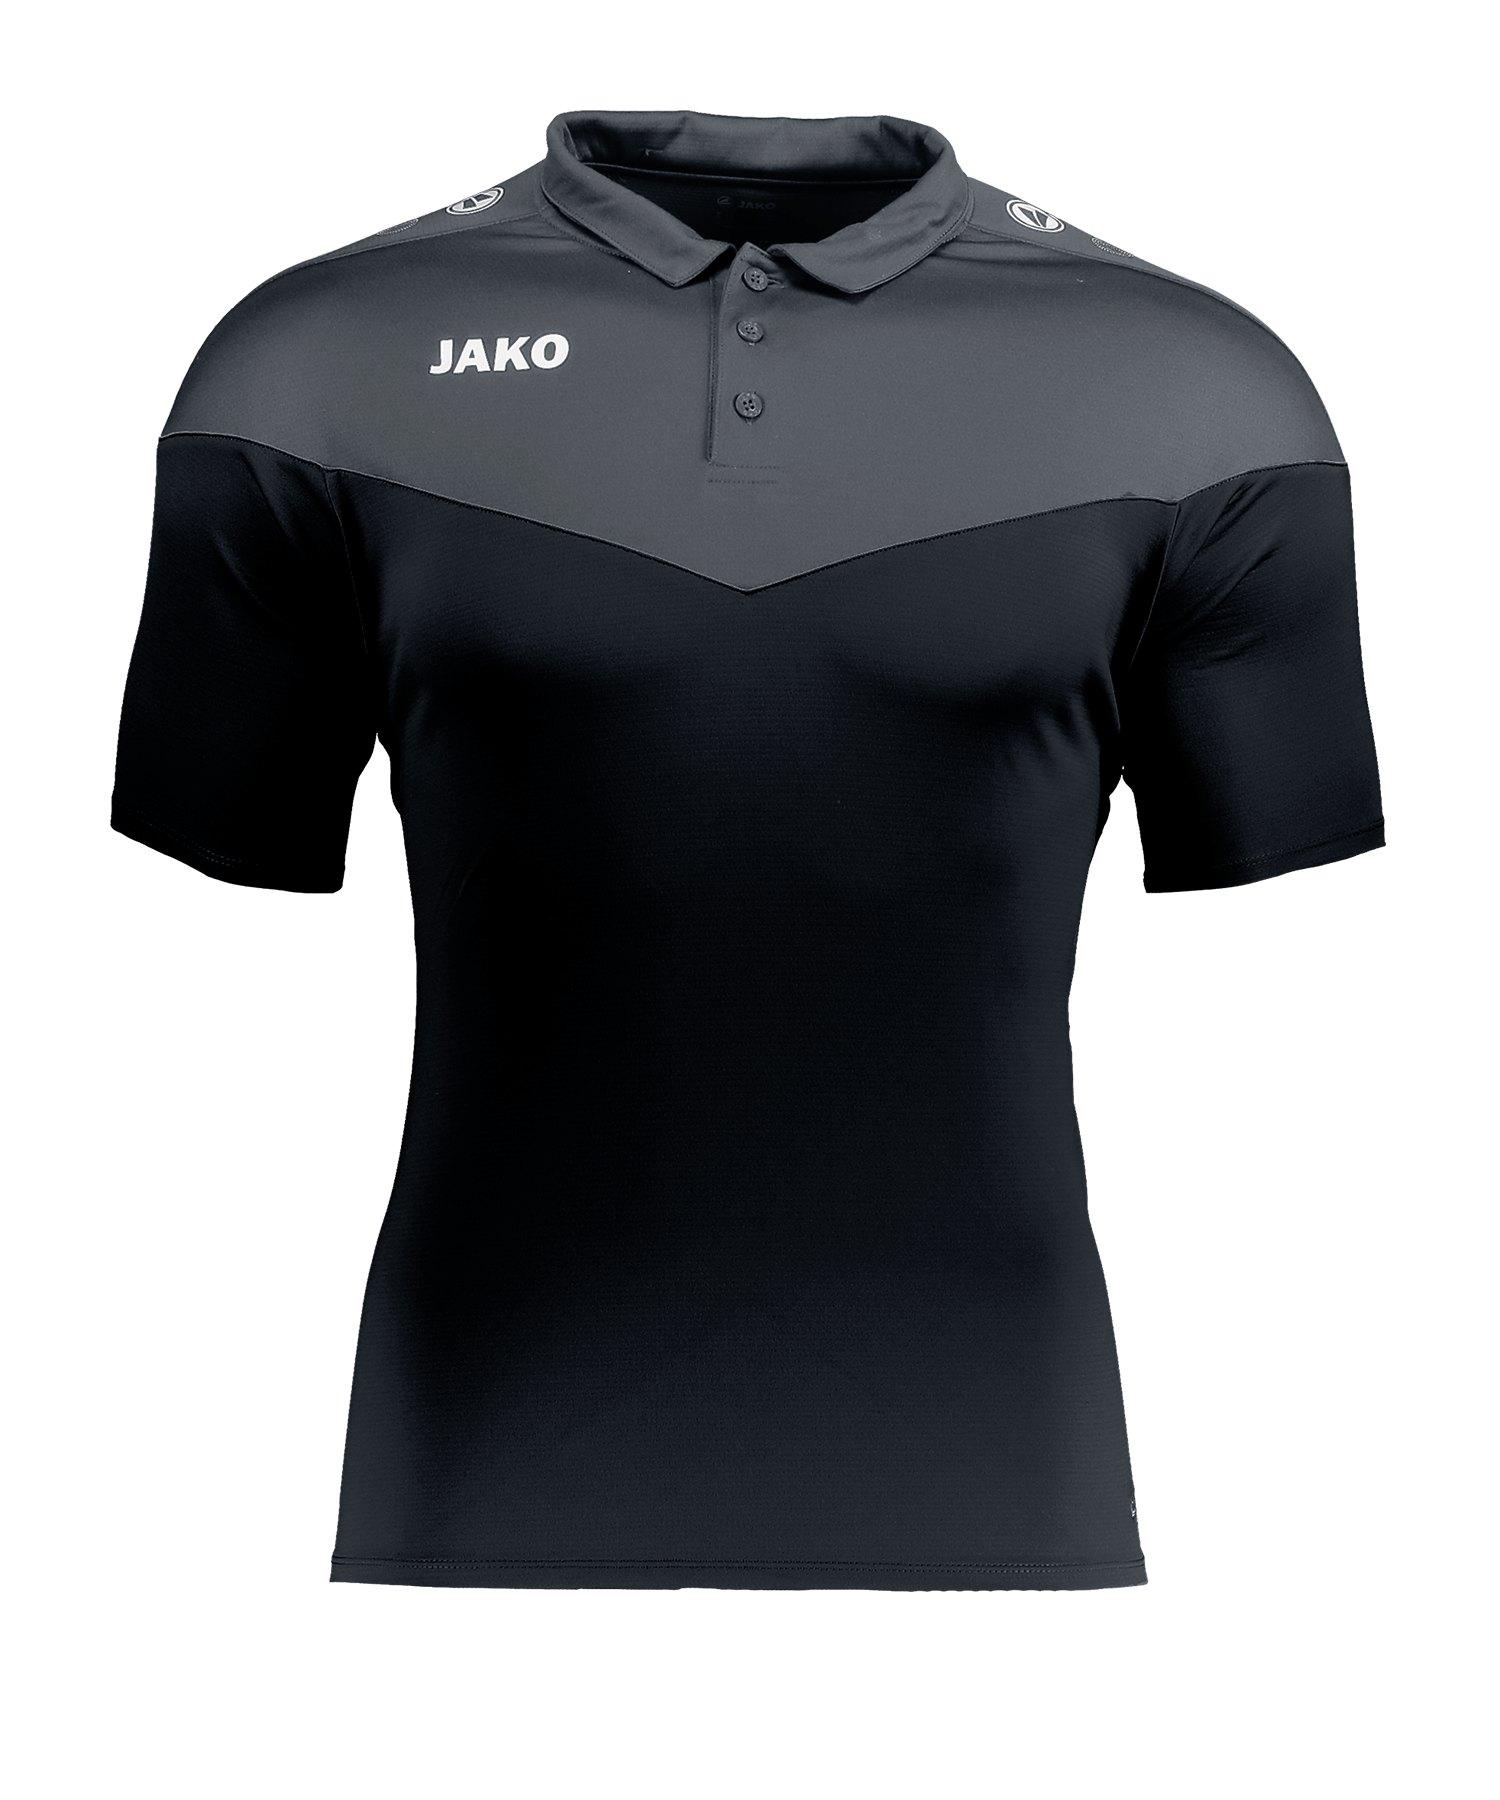 Jako Champ 2.0 Poloshirt Schwarz F08 - schwarz